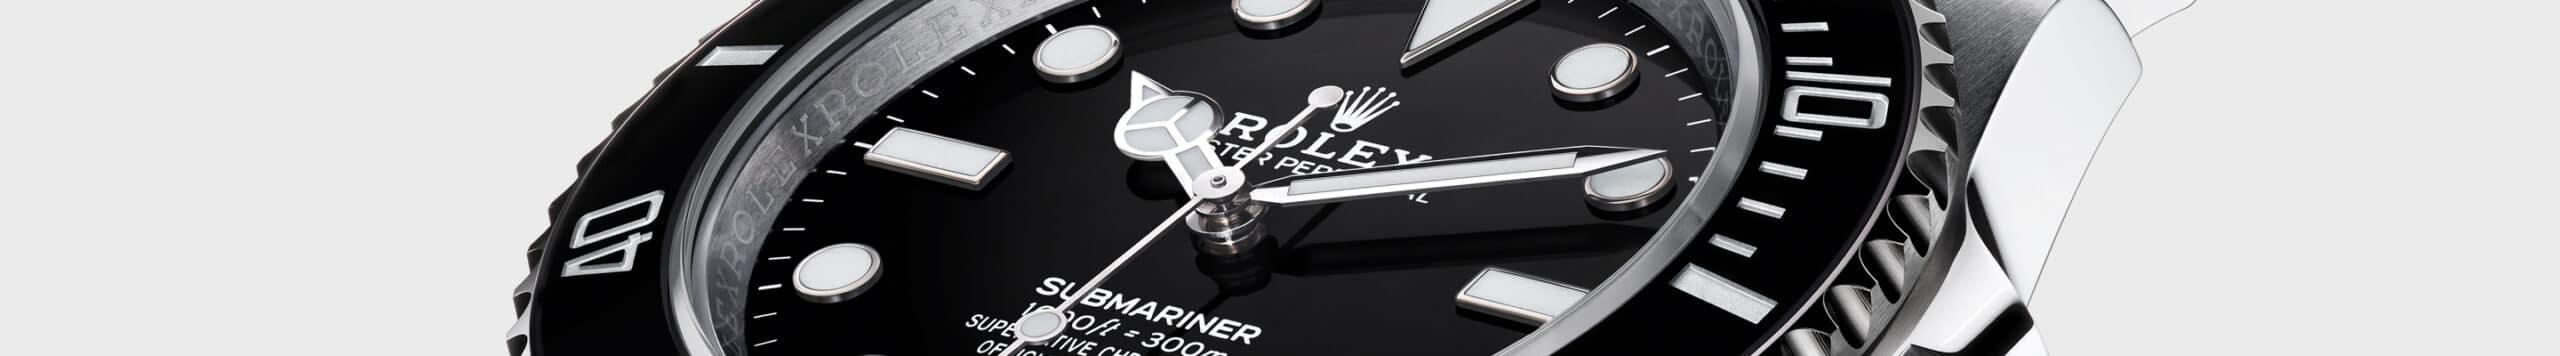 นาฬิกา Rolex Submariner ที่ ตัวแทนจำหน่ายอย่างเป็นทางการ เอ็น จี จี อุดรธานี